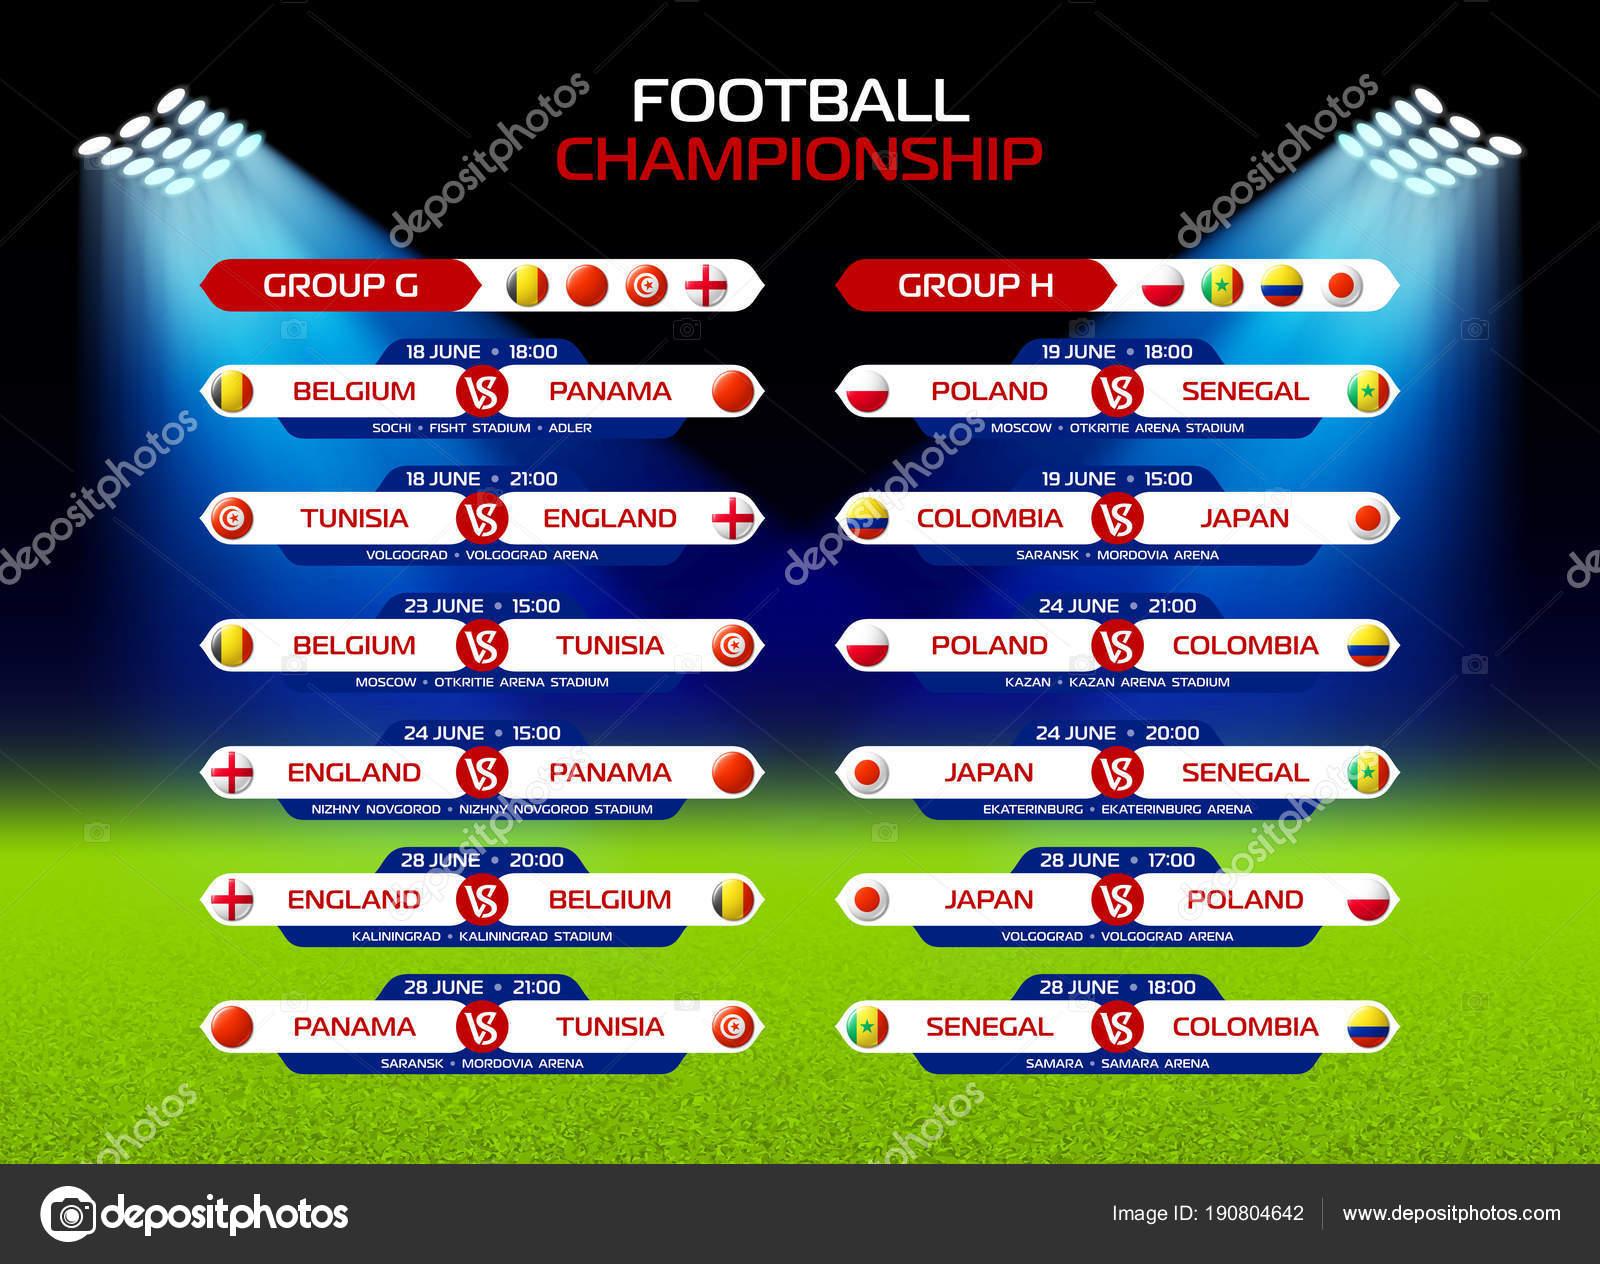 Calendario Campionato Calcio.Campionato Di Calcio Calendario Delle Partite Vettoriali